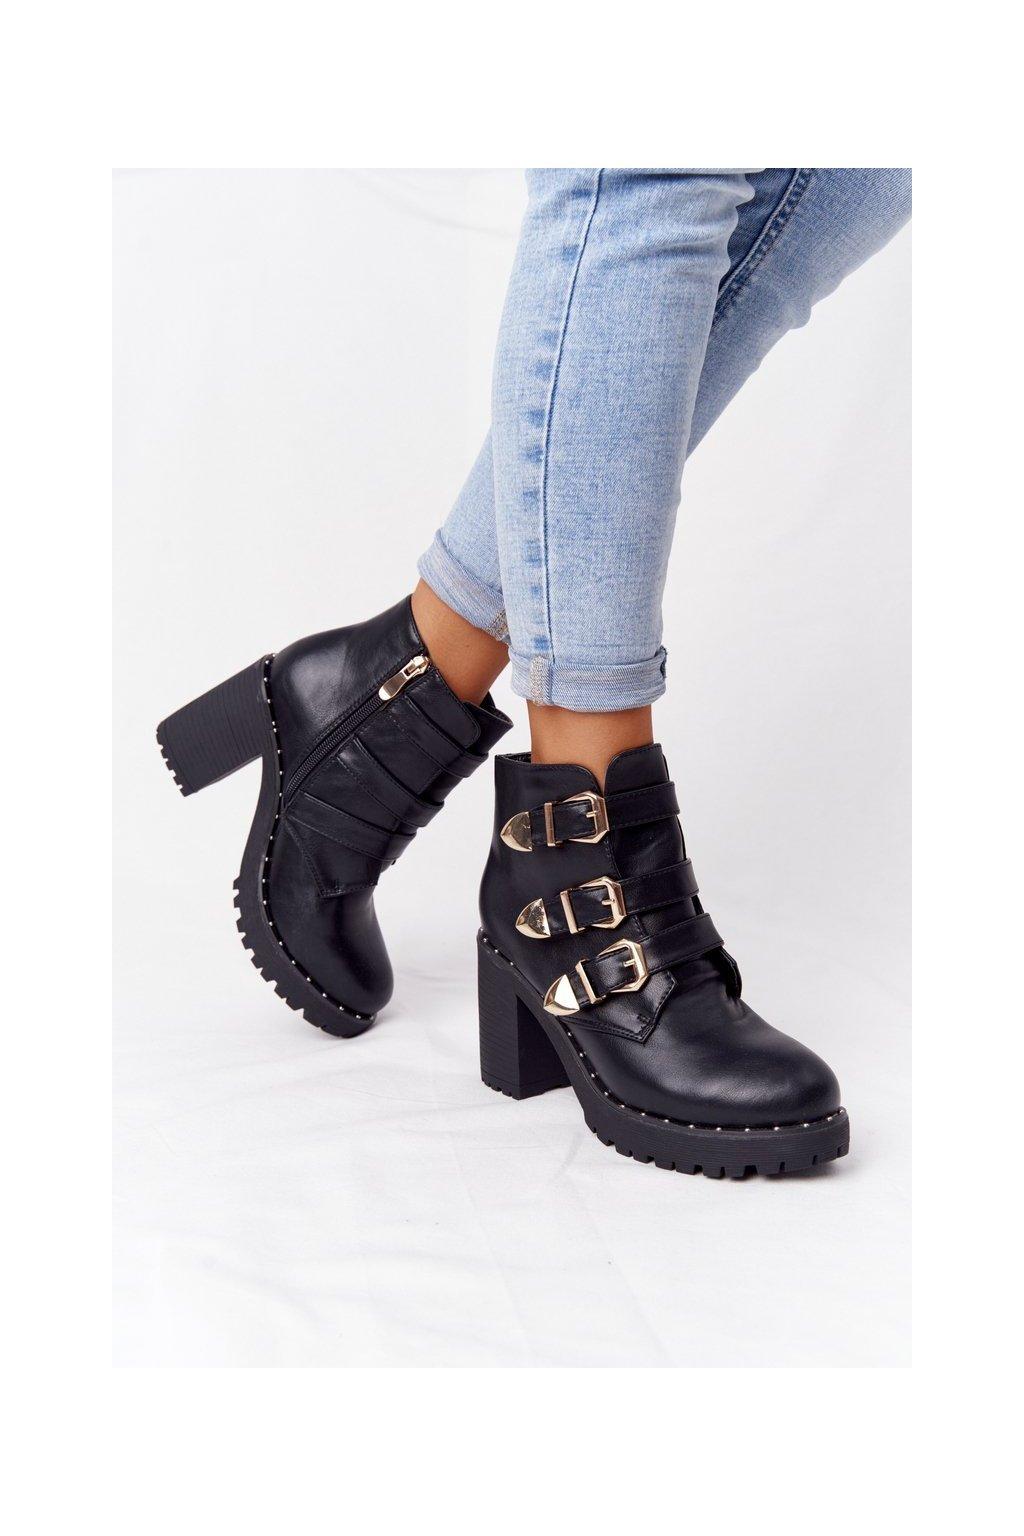 Členkové topánky na podpätku farba čierna kód obuvi D37-7 BLACK